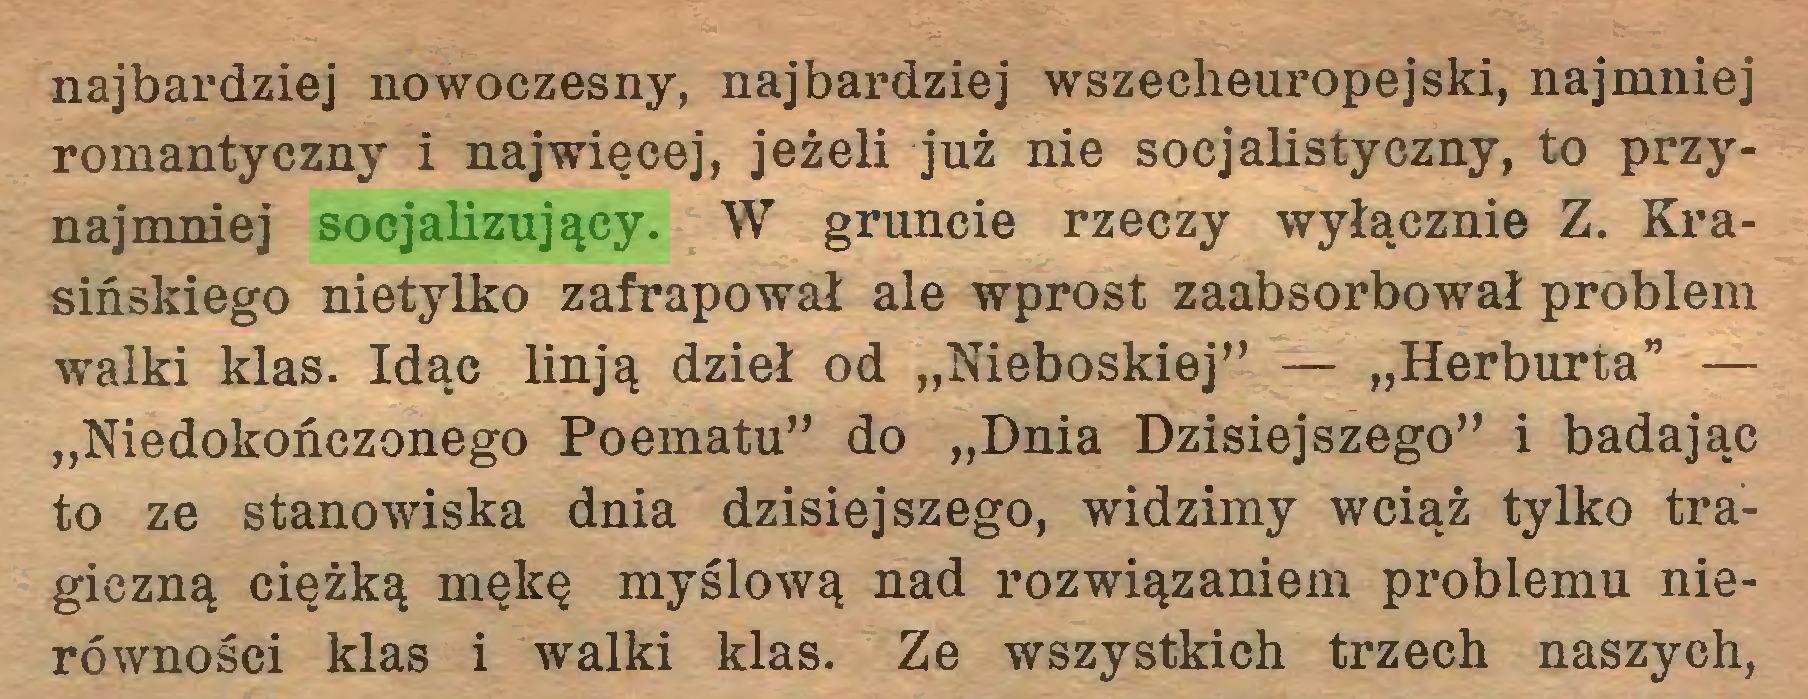 """(...) najbardziej nowoczesny, najbardziej wszecheuropejski, najmniej romantyczny i najwięcej, jeżeli już nie socjalistyczny, to przynajmniej socjalizujący. W gruncie rzeczy wyłącznie Z. Krasińskiego nietylko zafrapował ale wprost zaabsorbował problem walki klas. Idąc linją dzieł od """"Nieboskiej"""" — """"Herburta"""" — """"Niedokończonego Poematu"""" do """"Dnia Dzisiejszego"""" i badając to ze stanowiska dnia dzisiejszego, widzimy wciąż tylko tragiczną ciężką mękę myślową nad rozwiązaniem problemu nierówności klas i walki klas. Ze wszystkich trzech naszych,..."""